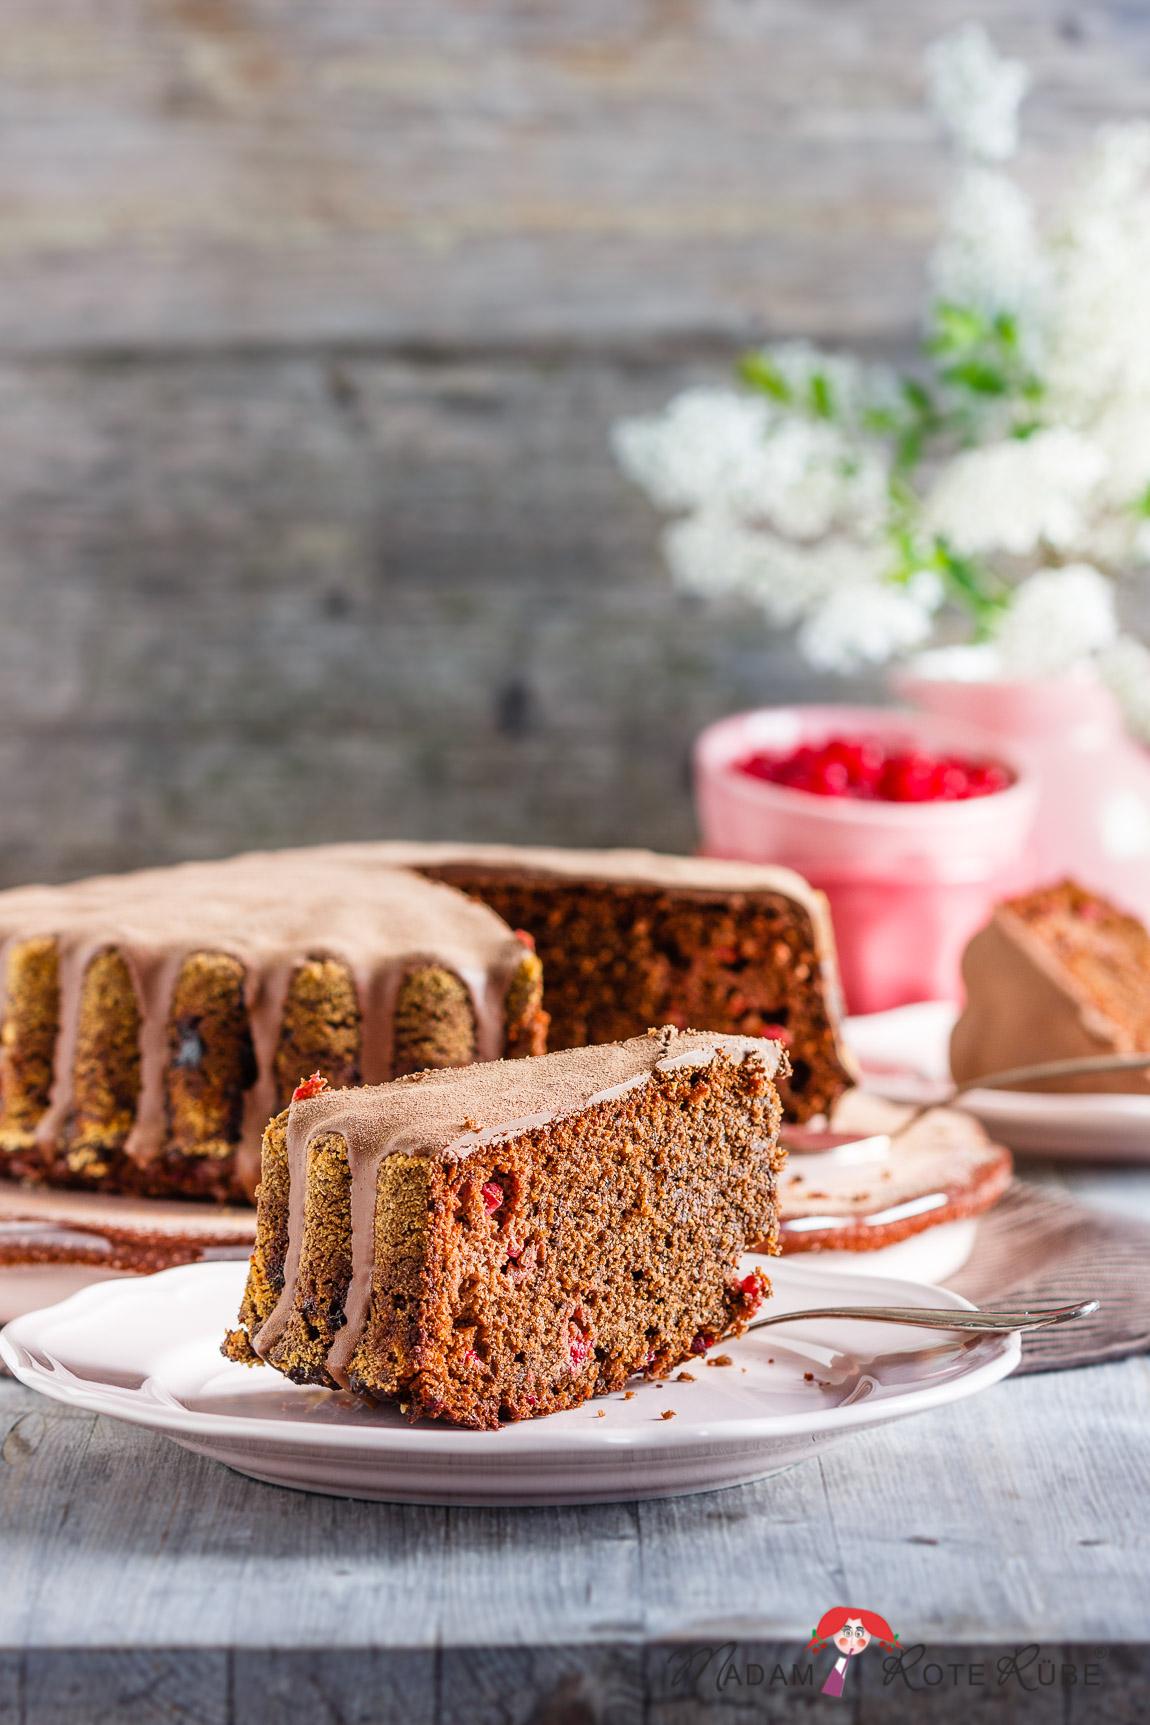 Herrlich Saftiger Schokoladen Johannisbeer Kuchen Madam Rote Rube